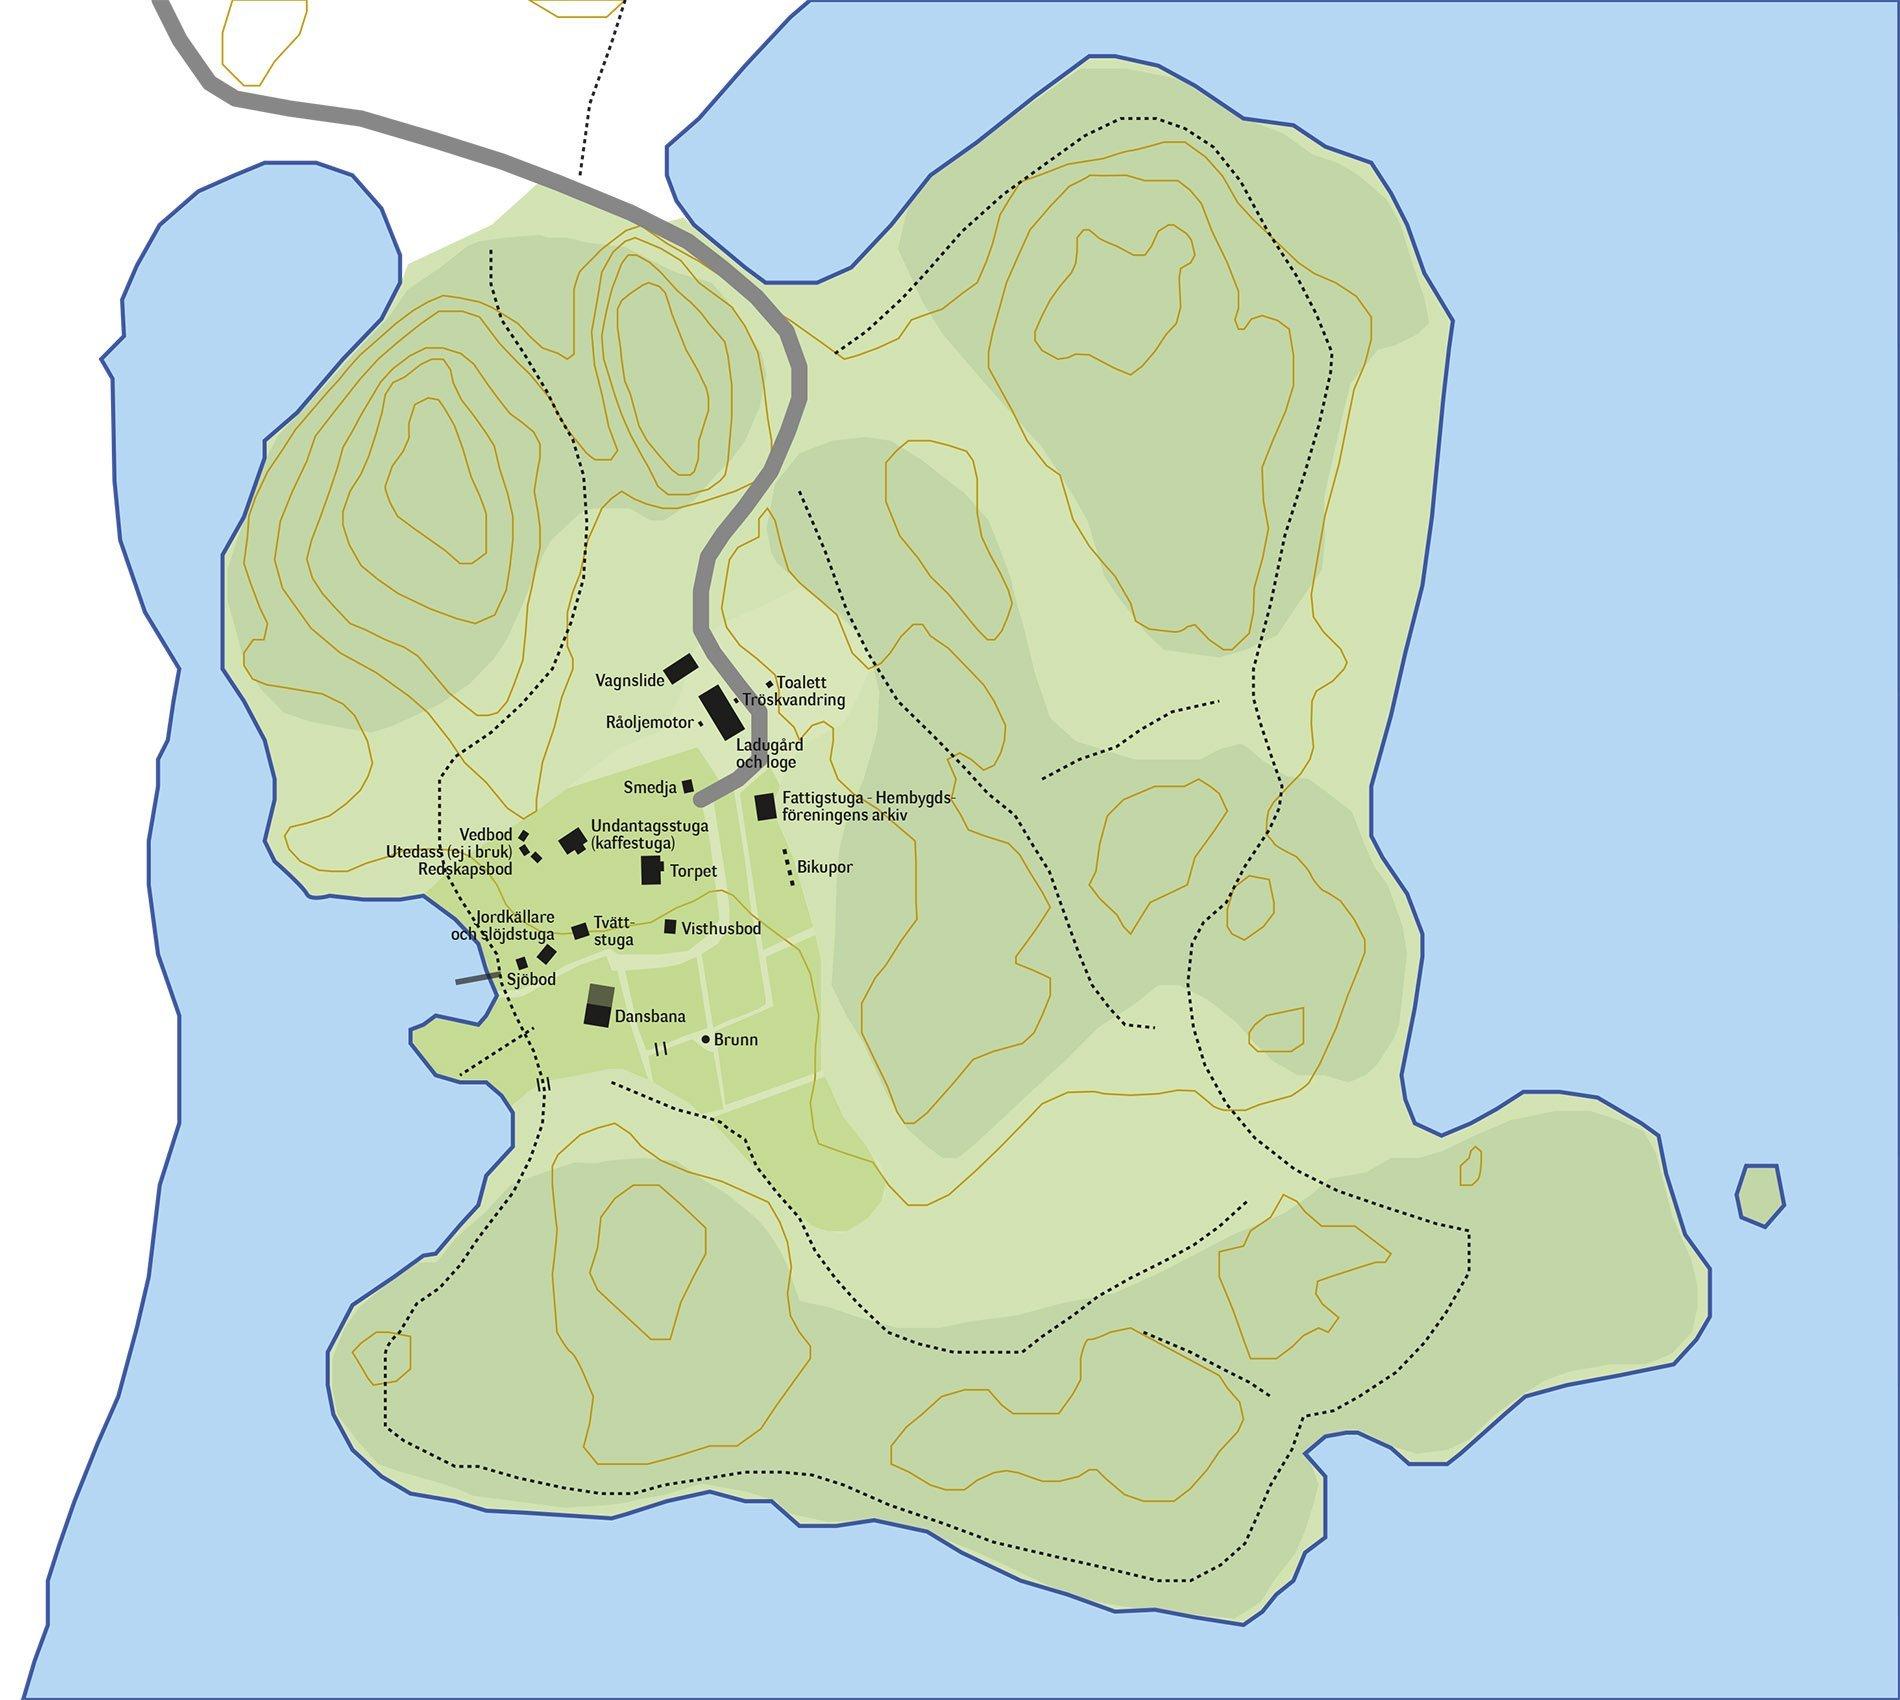 Grytholmen Karta. Illustration: Bengt Grönkvist